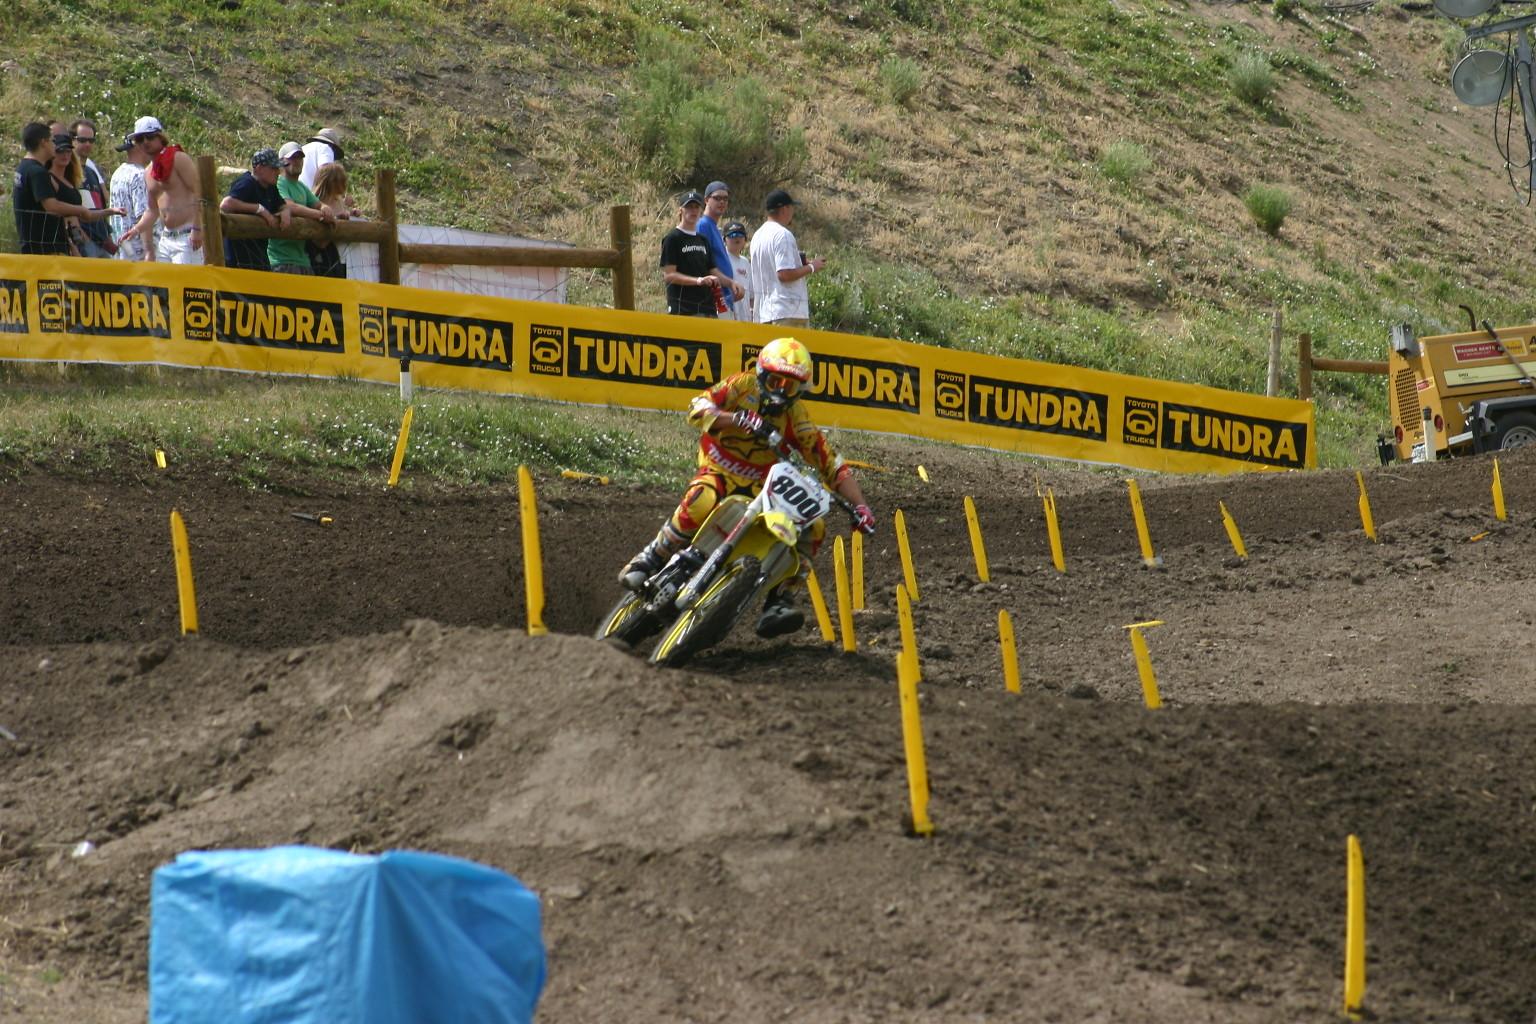 Alessi - jtomasik - Motocross Pictures - Vital MX